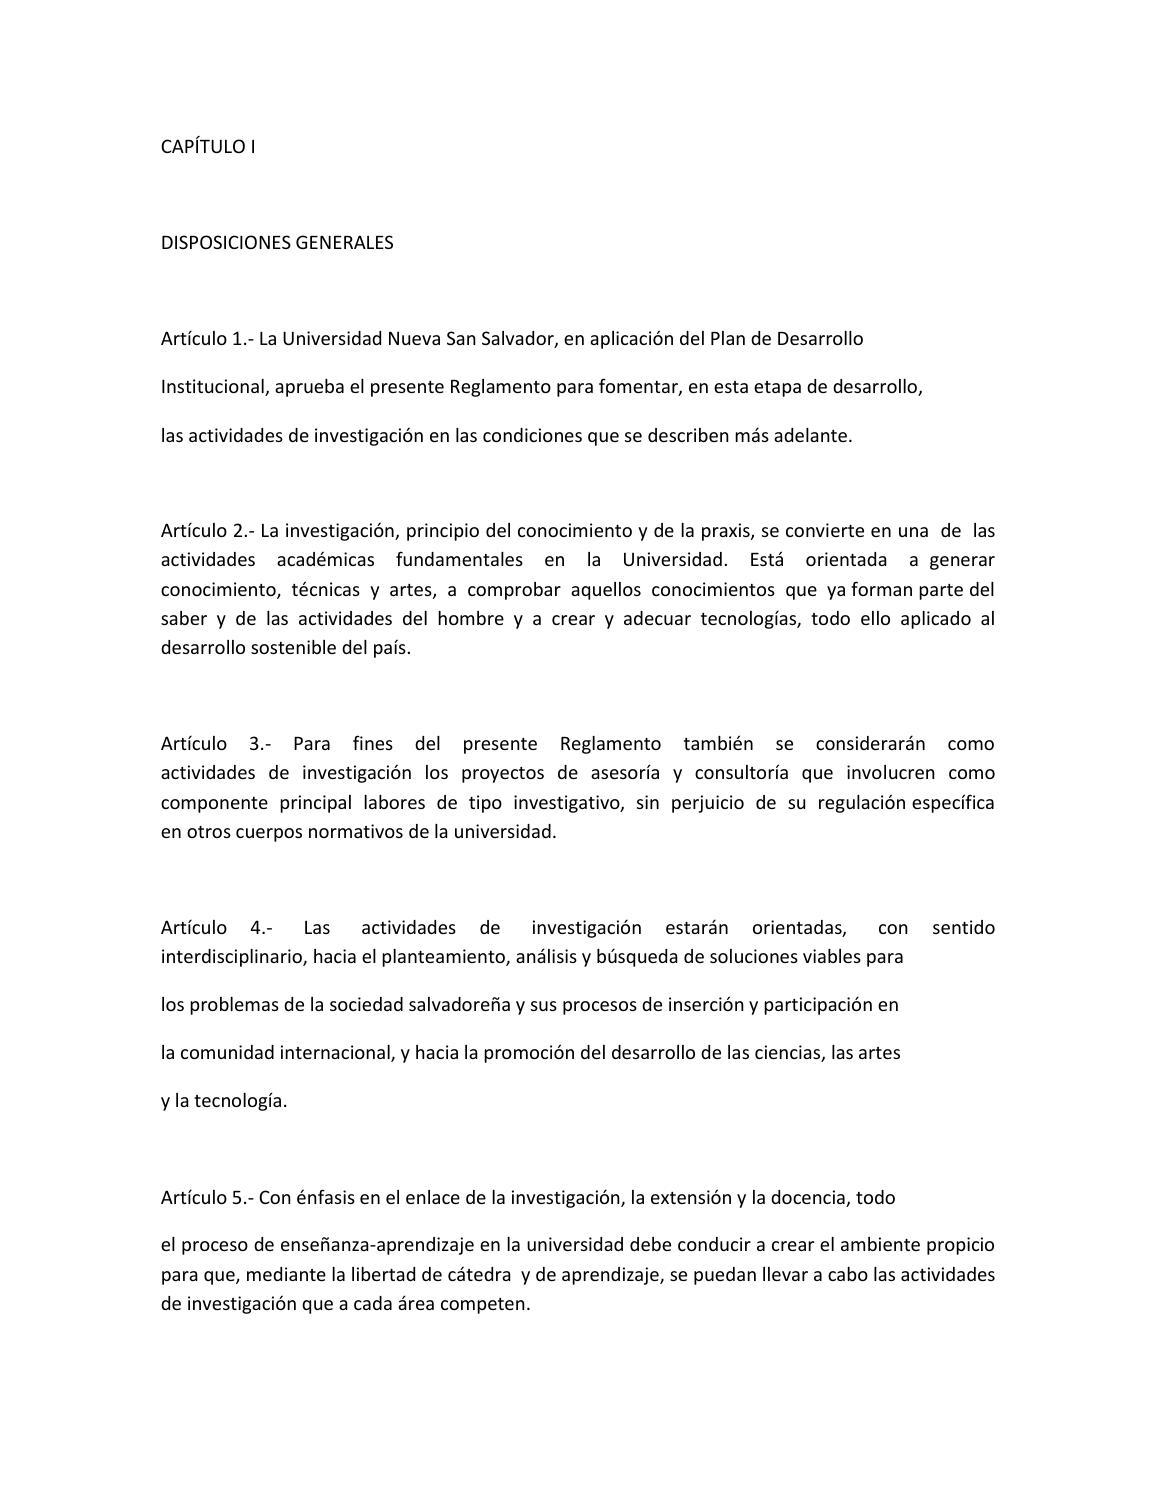 Reglamento de investigación by E-PAPER UNIVERSIDAD NUEVA SAN ...